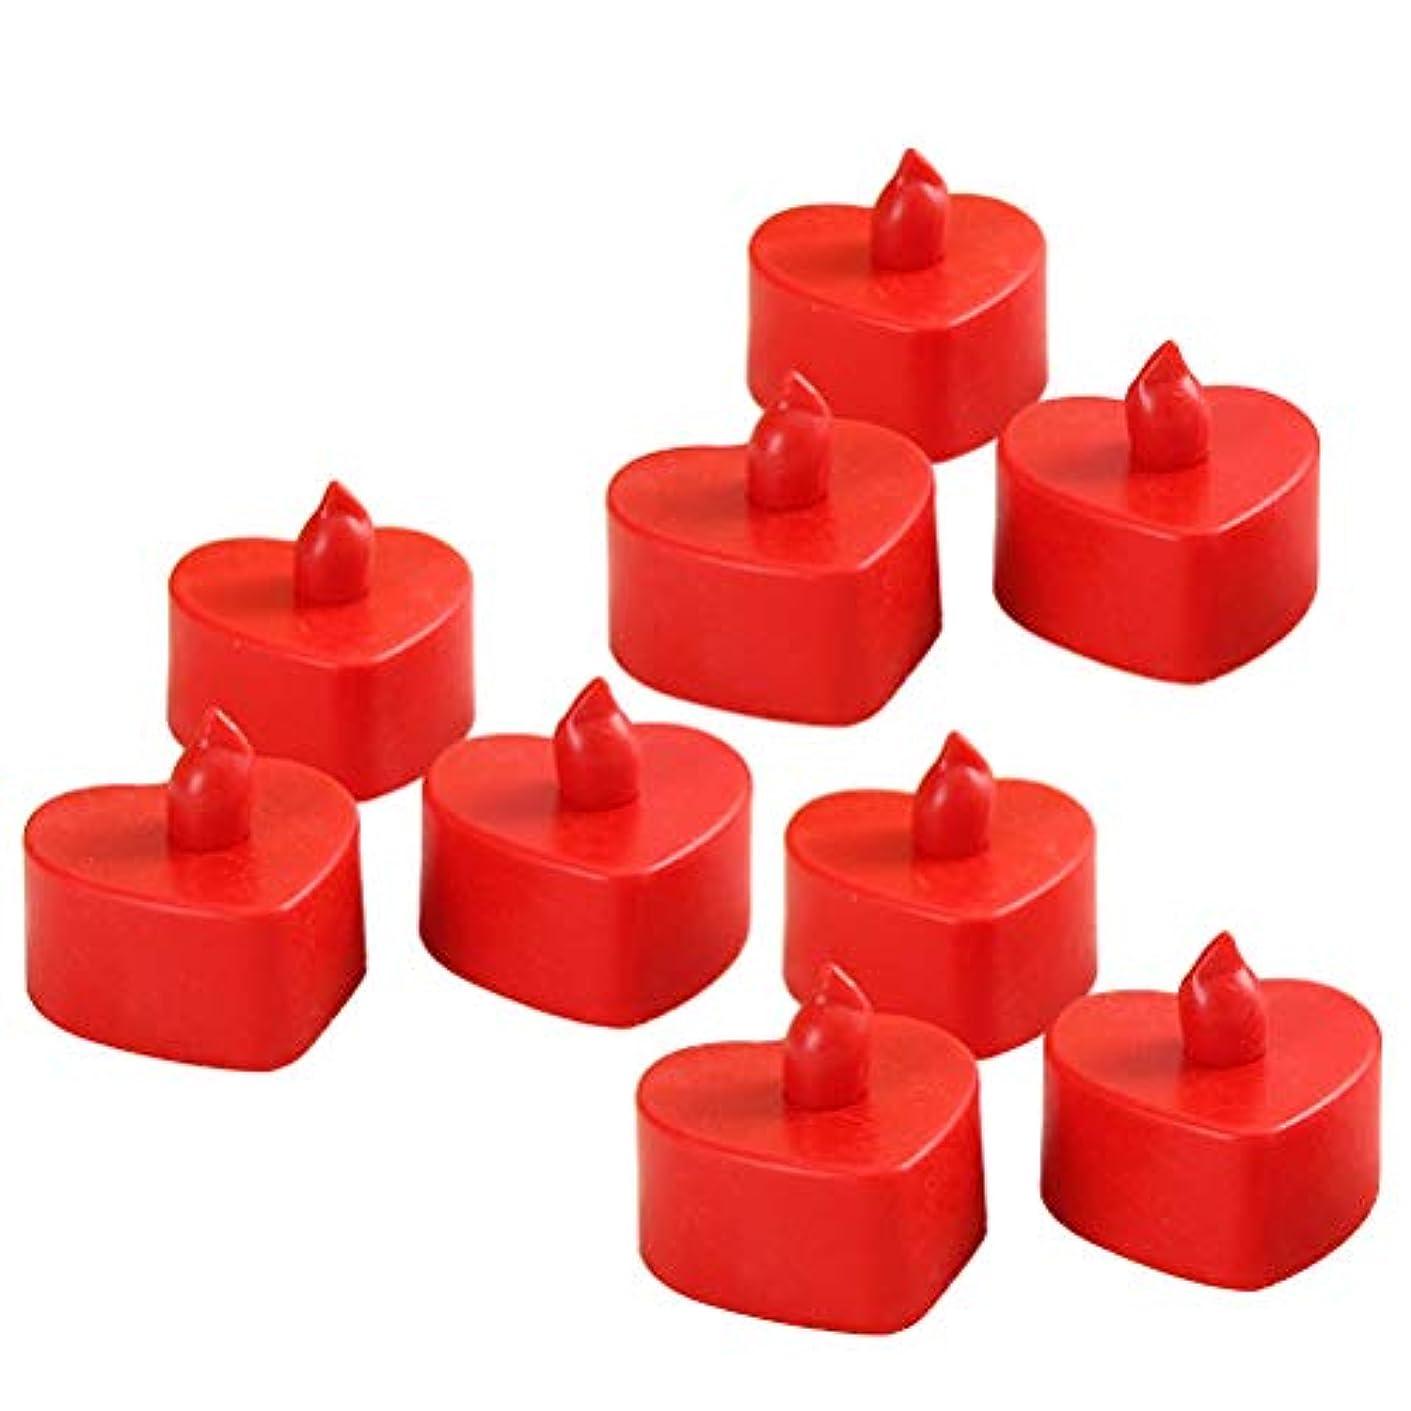 BESTOYARD 10個のLed茶色のライトは、電池で作動するFlameless Tealightキャンドル暖かい黄色のライトライトハートシェイプクリスマスのウェディングパーティの装飾(赤いシェル、赤い光)